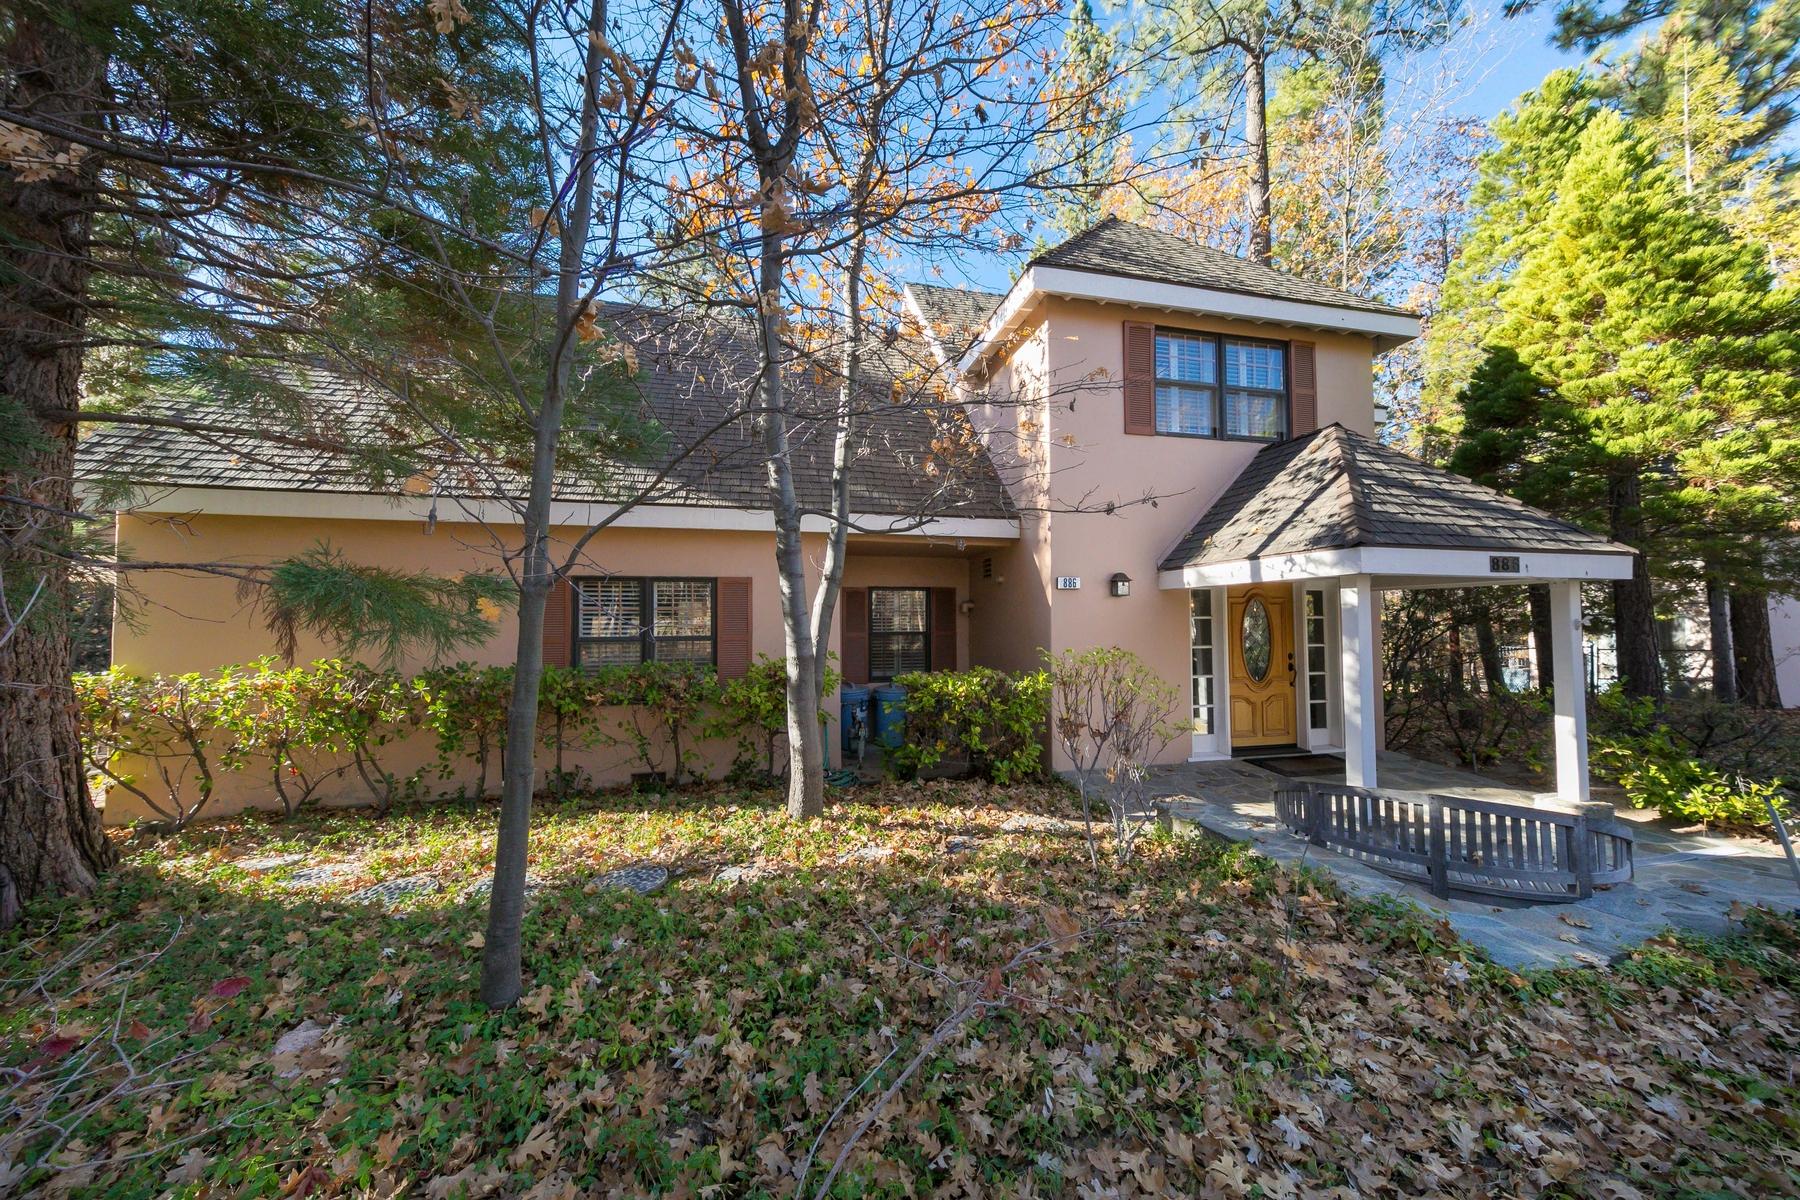 Частный односемейный дом для того Продажа на 886 Osprey Lane, Lake Arrowhead Lake Arrowhead, Калифорния 92352 Соединенные Штаты